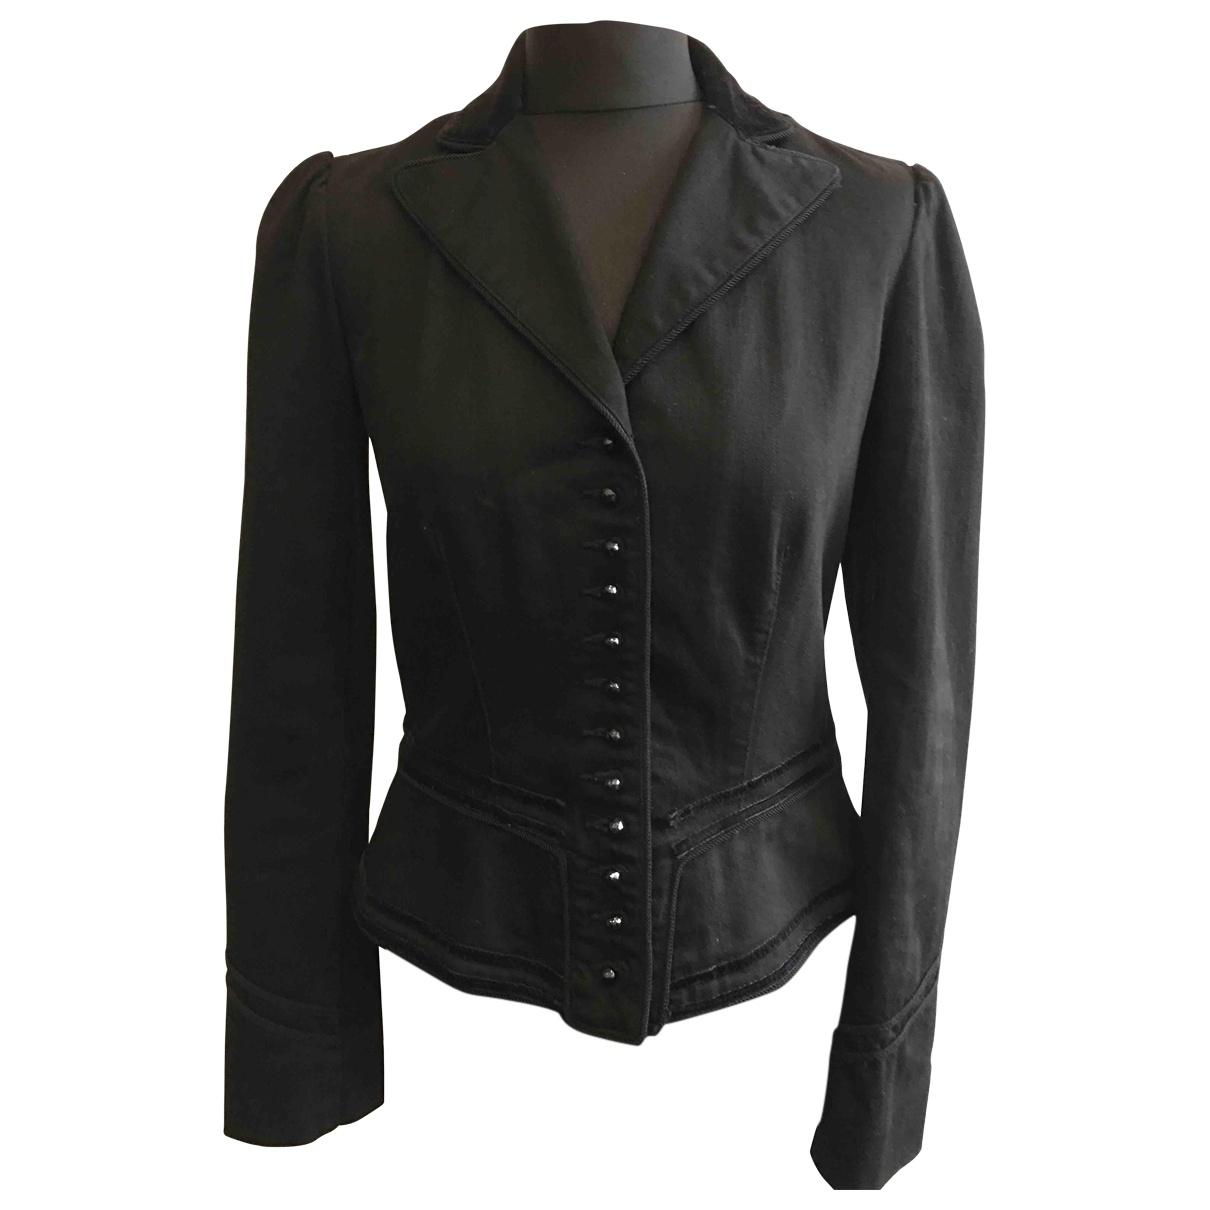 Lauren Ralph Lauren \N Black Cotton jacket for Women S International